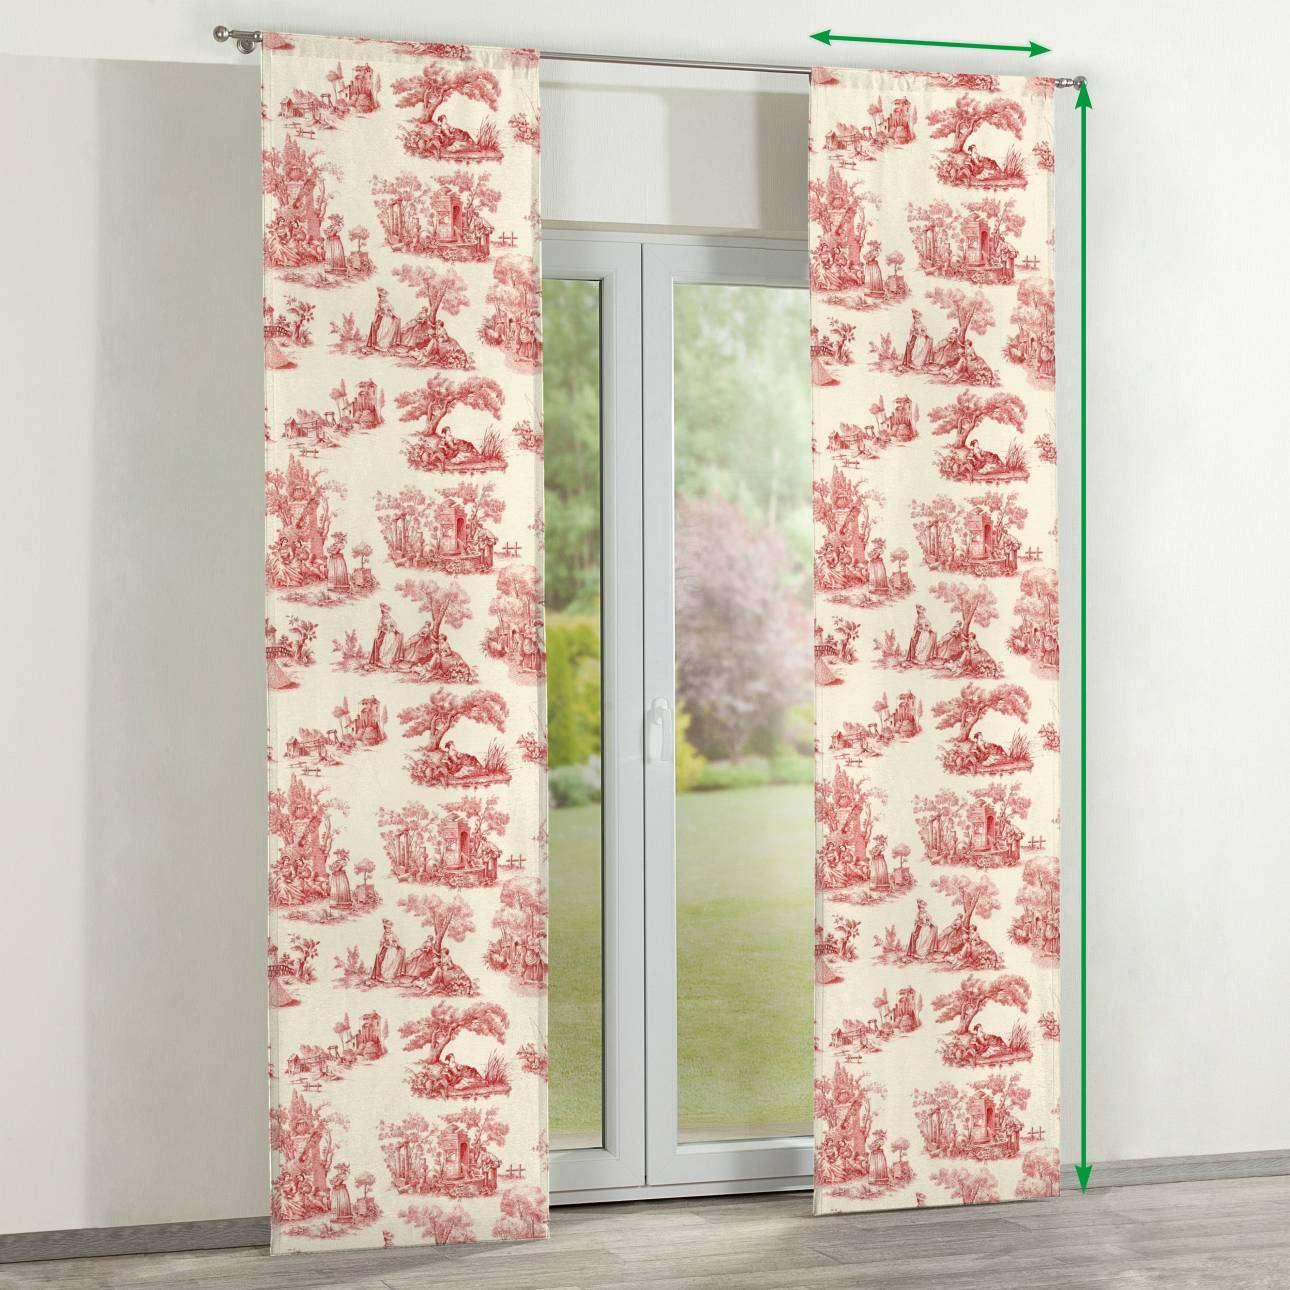 Zasłony panelowe 2 szt. w kolekcji Avinon, tkanina: 132-15